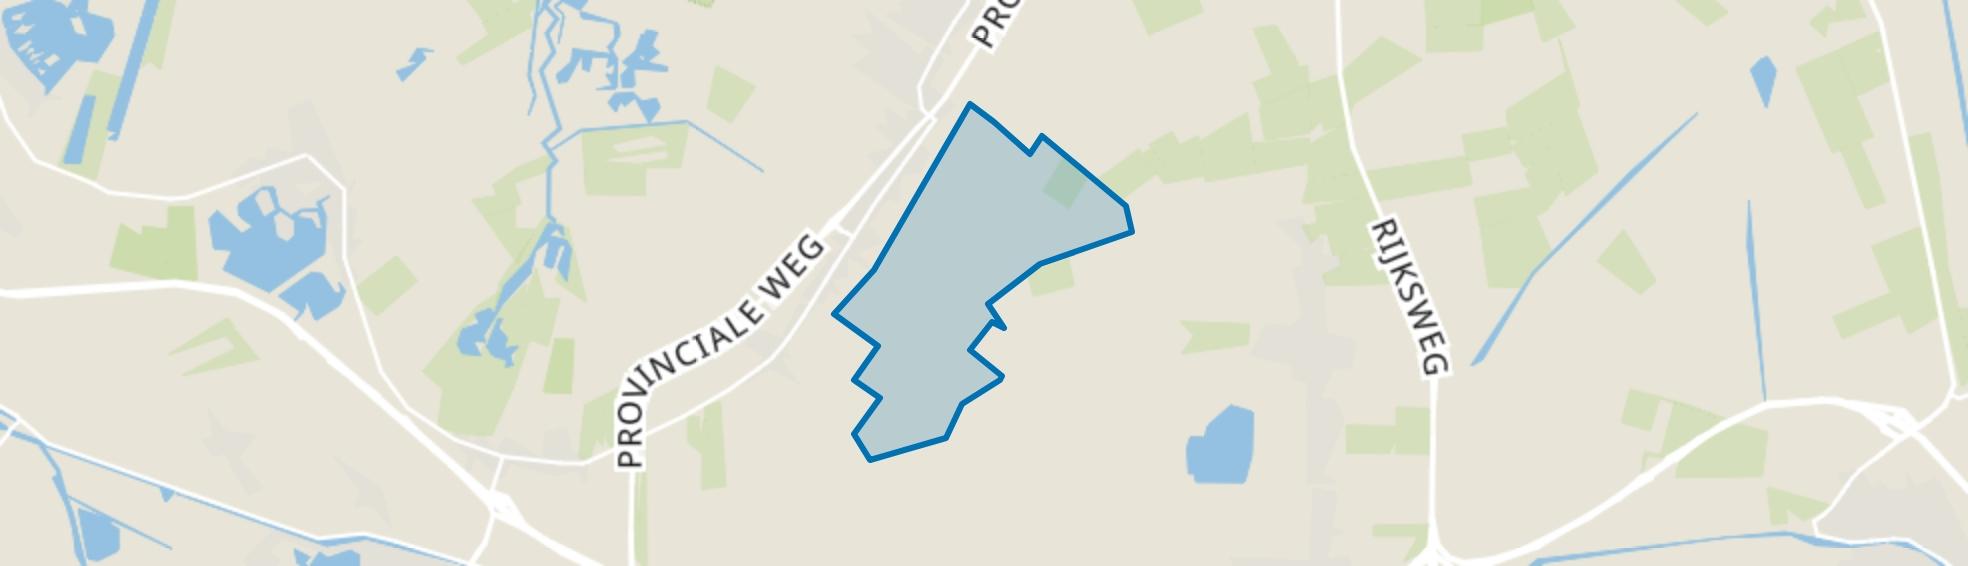 Slochteren Buitengebied, Slochteren map